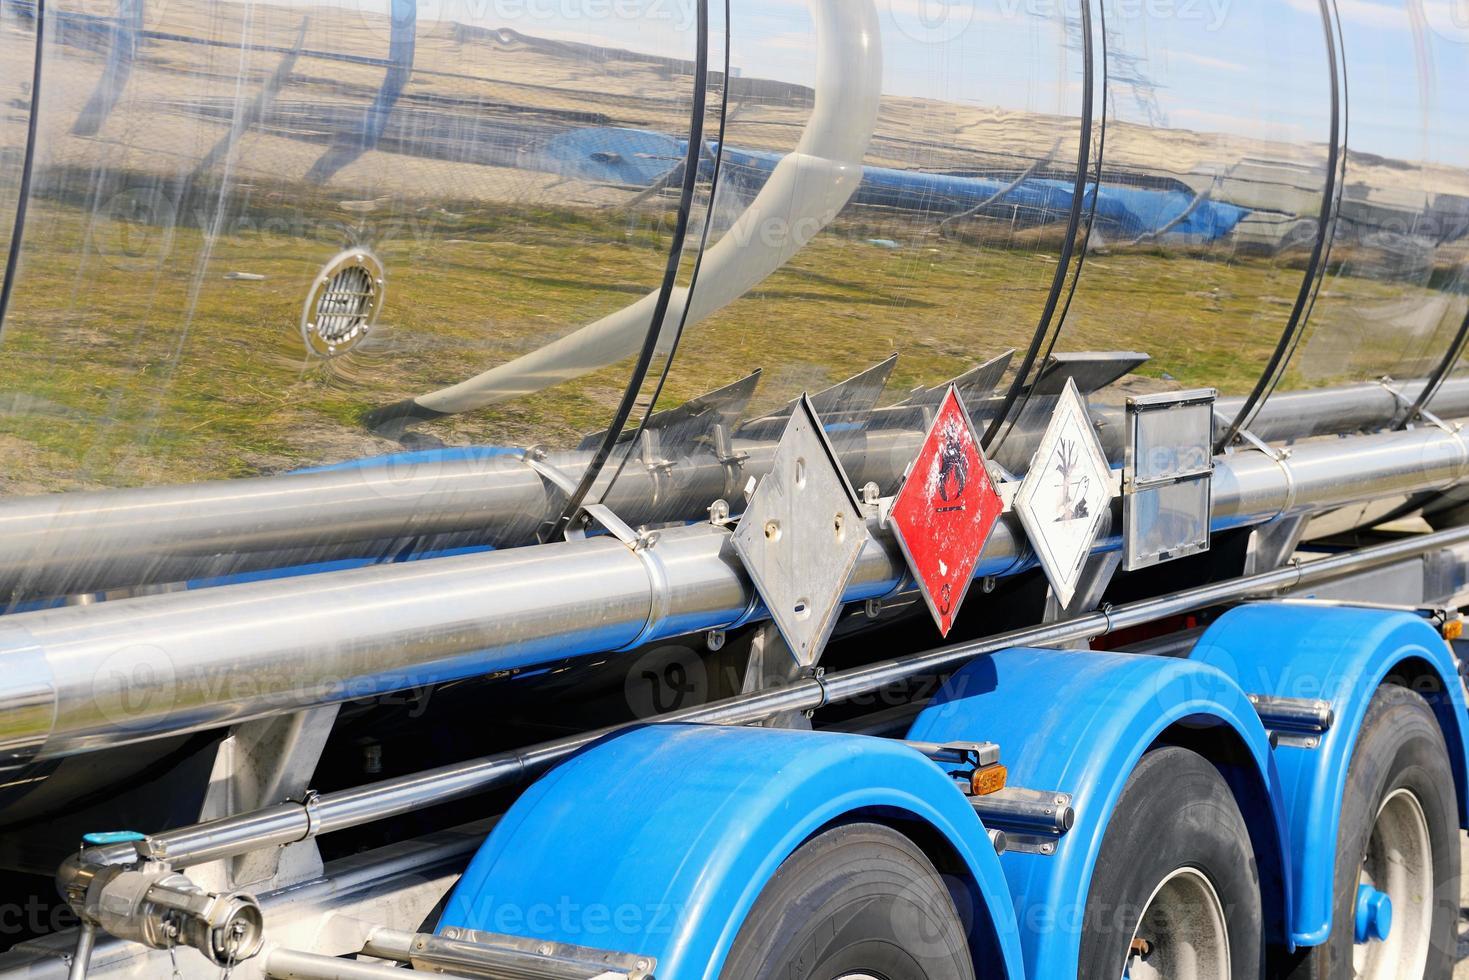 sinal de aviso vermelho no lado do tanque de combustível metálico foto